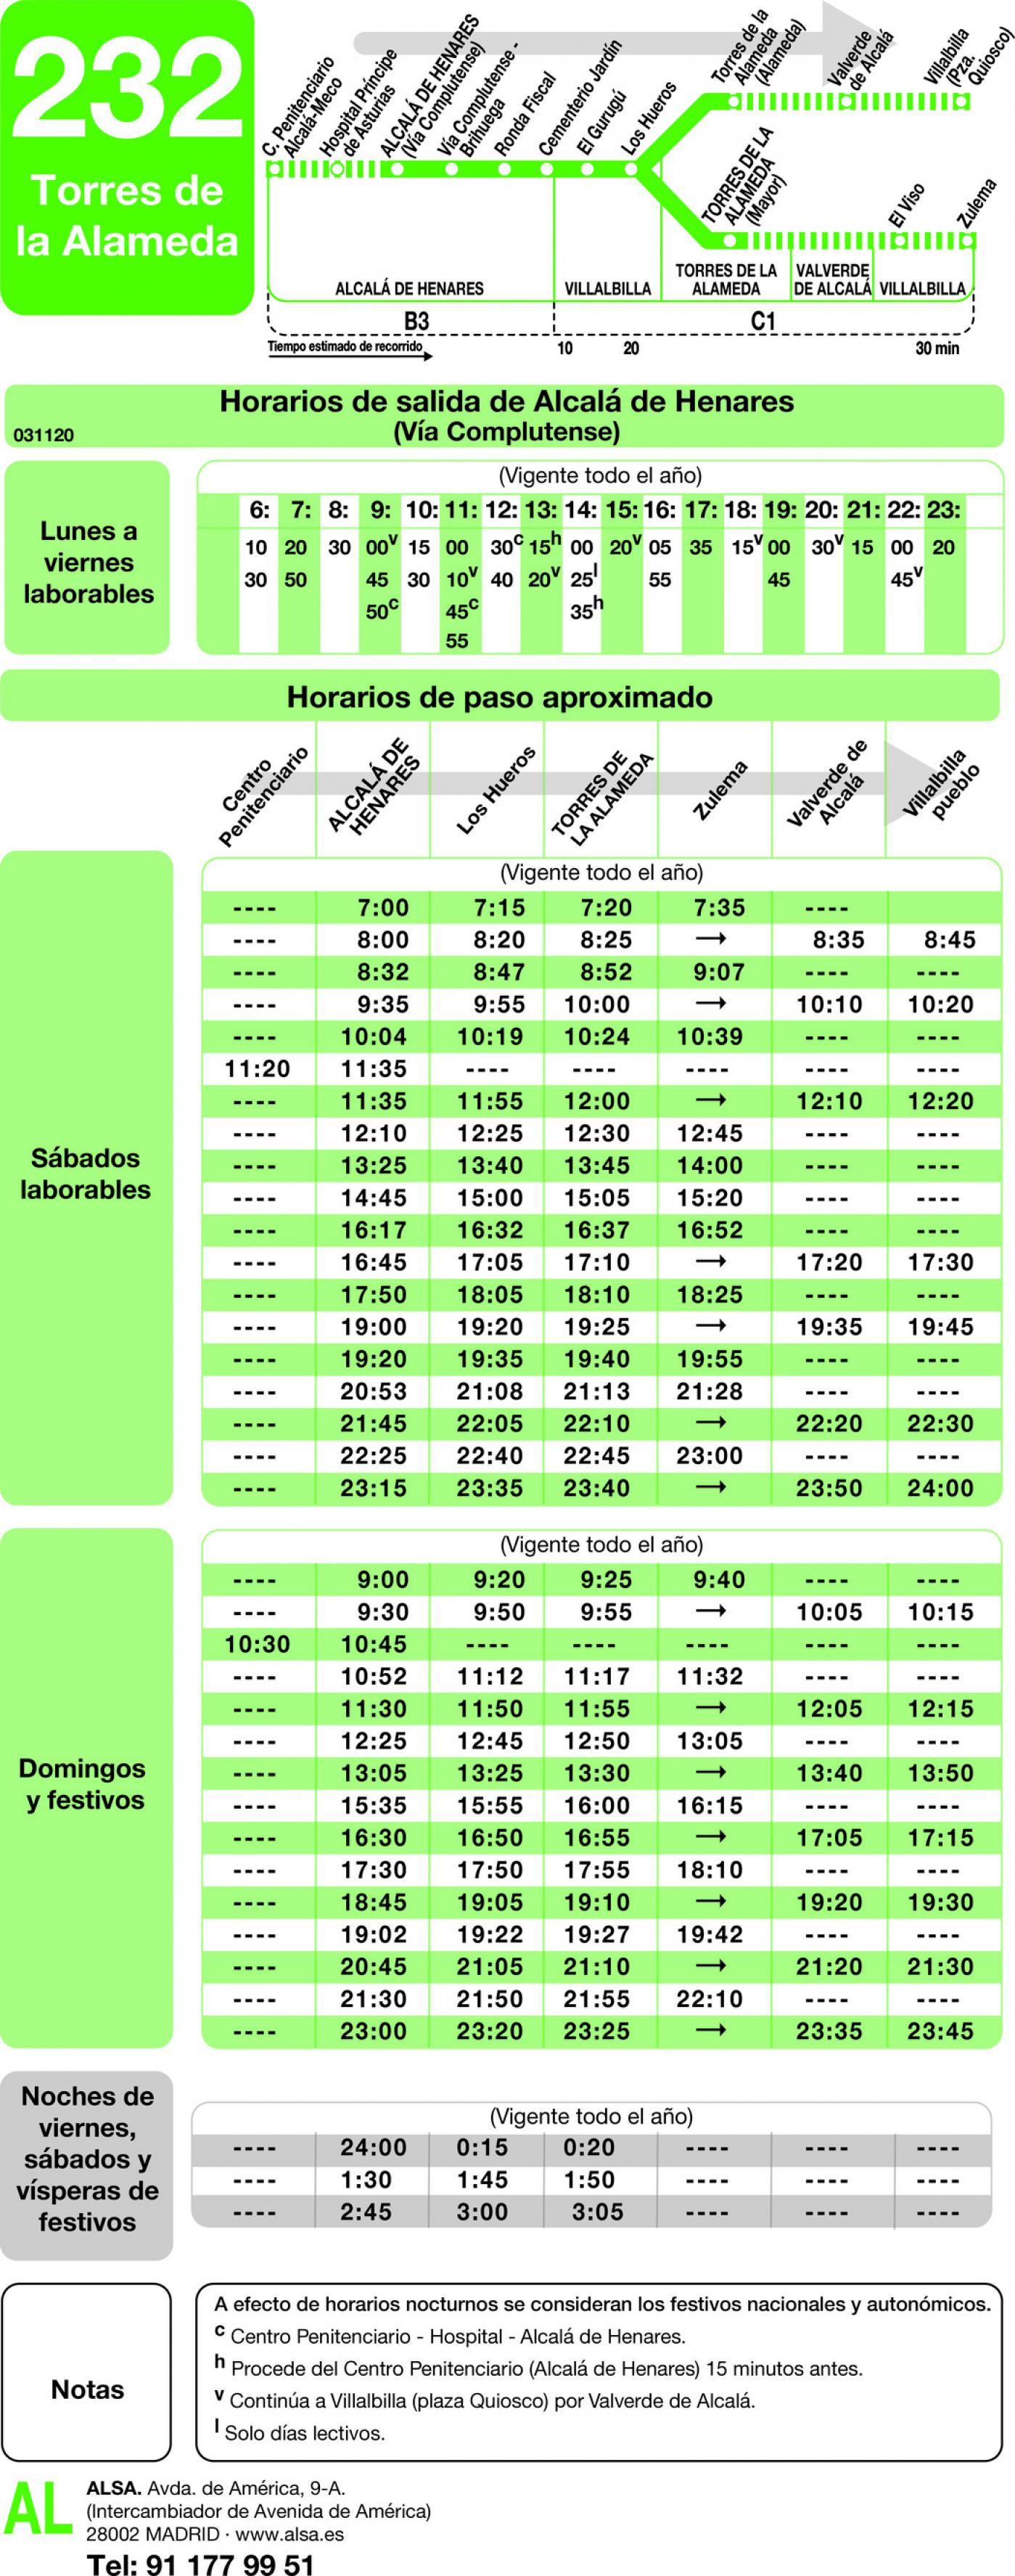 Tabla de horarios y frecuencias de paso en sentido ida Línea 232: Alcalá de Henares - Torres de la Alameda